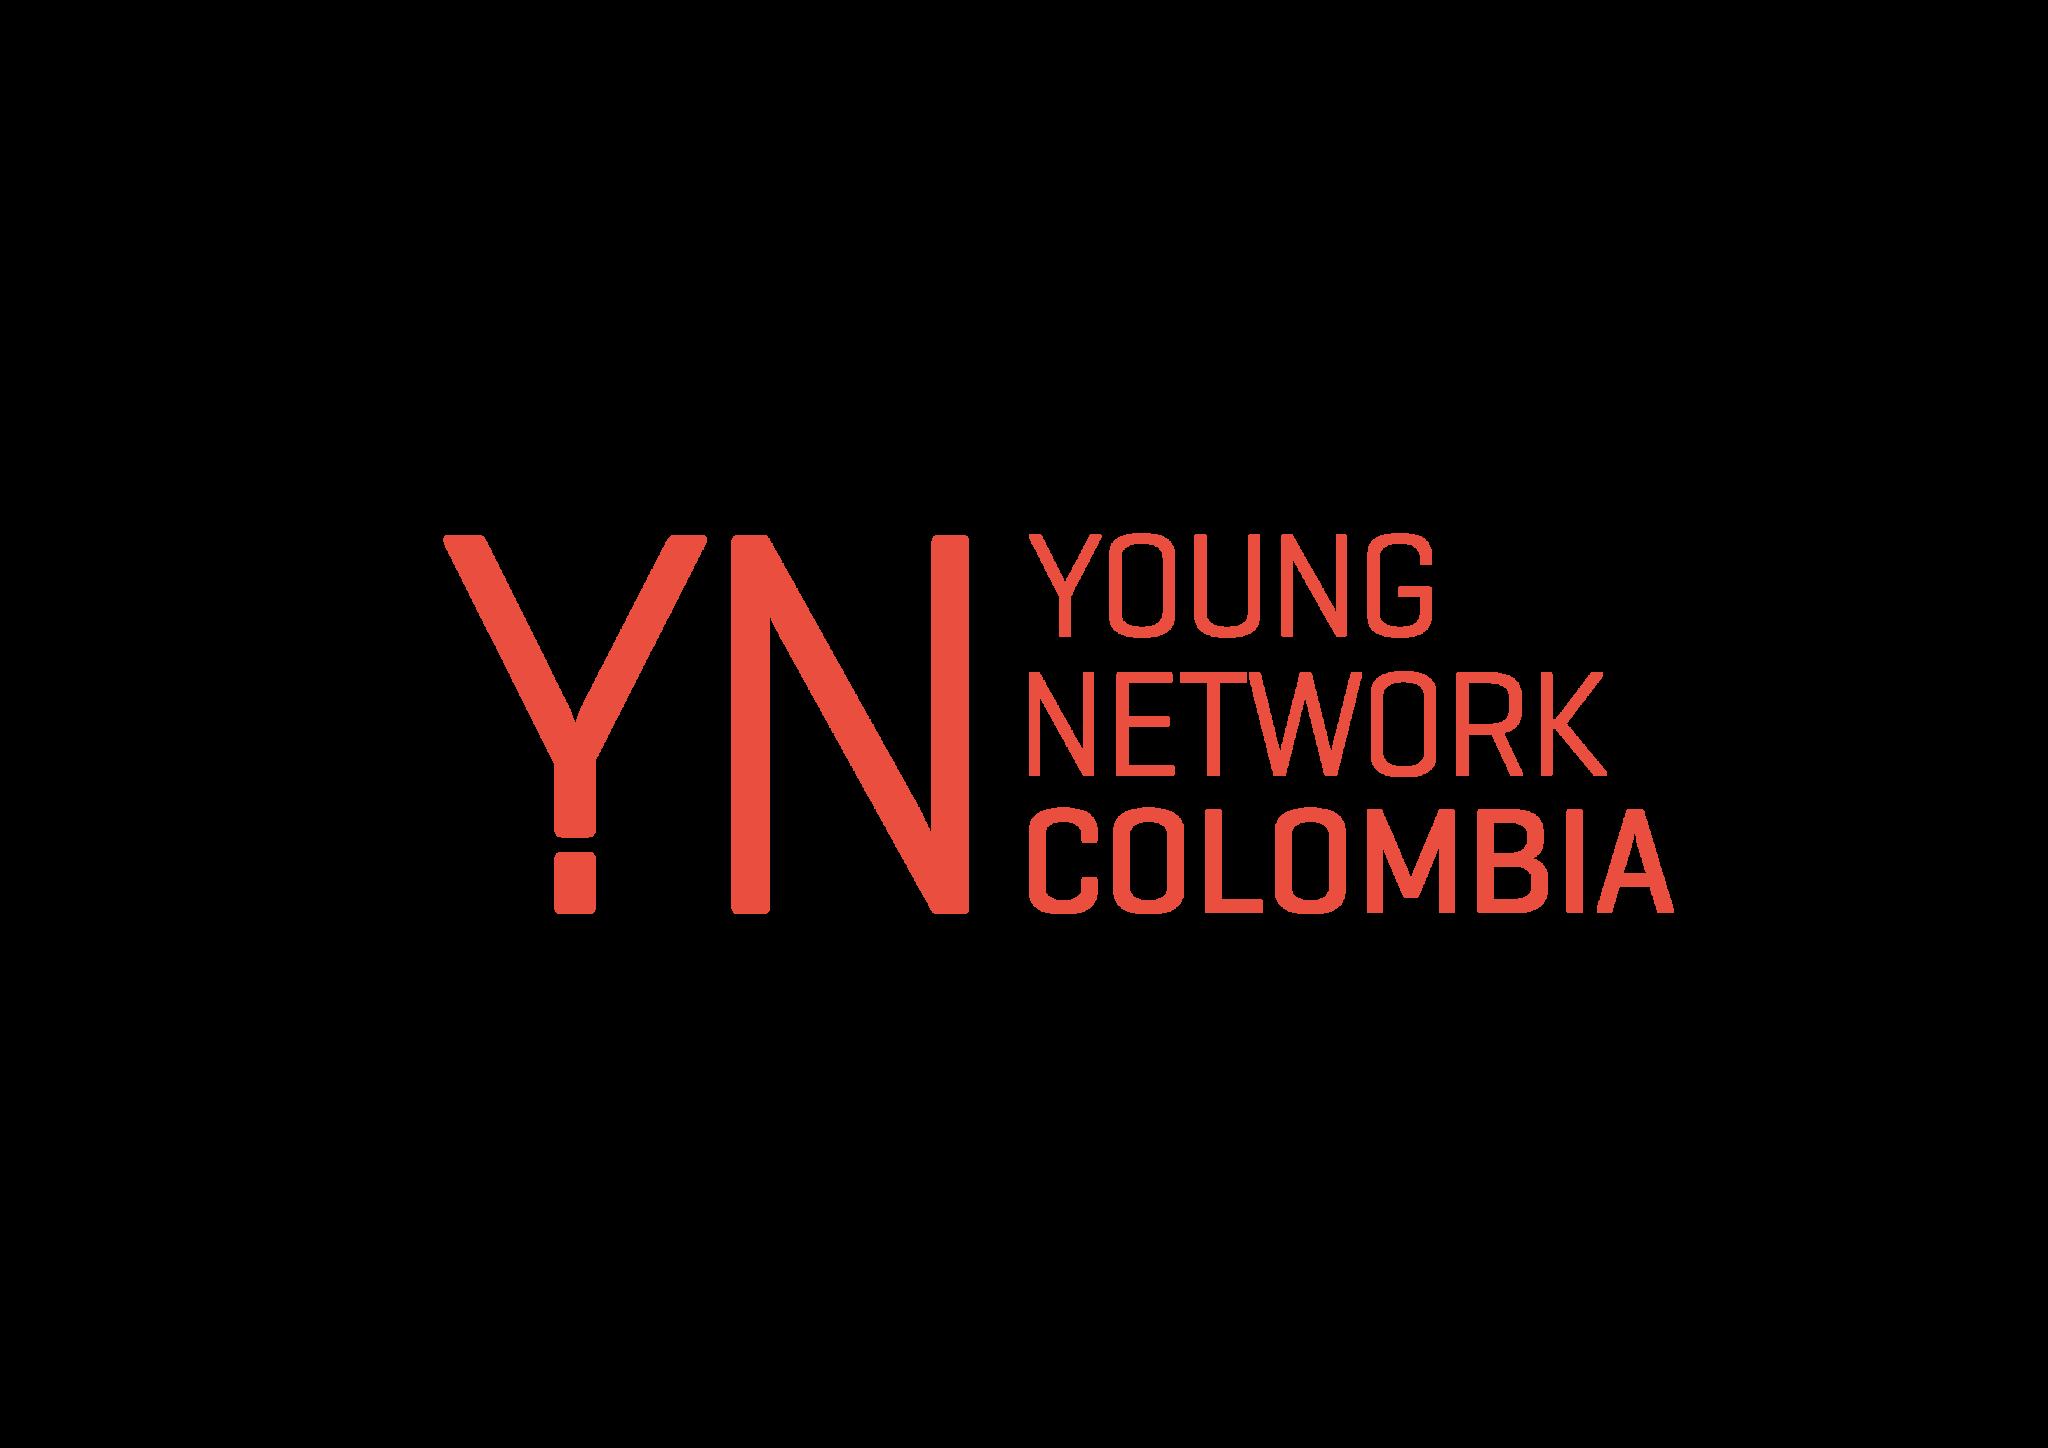 yn colombia-01